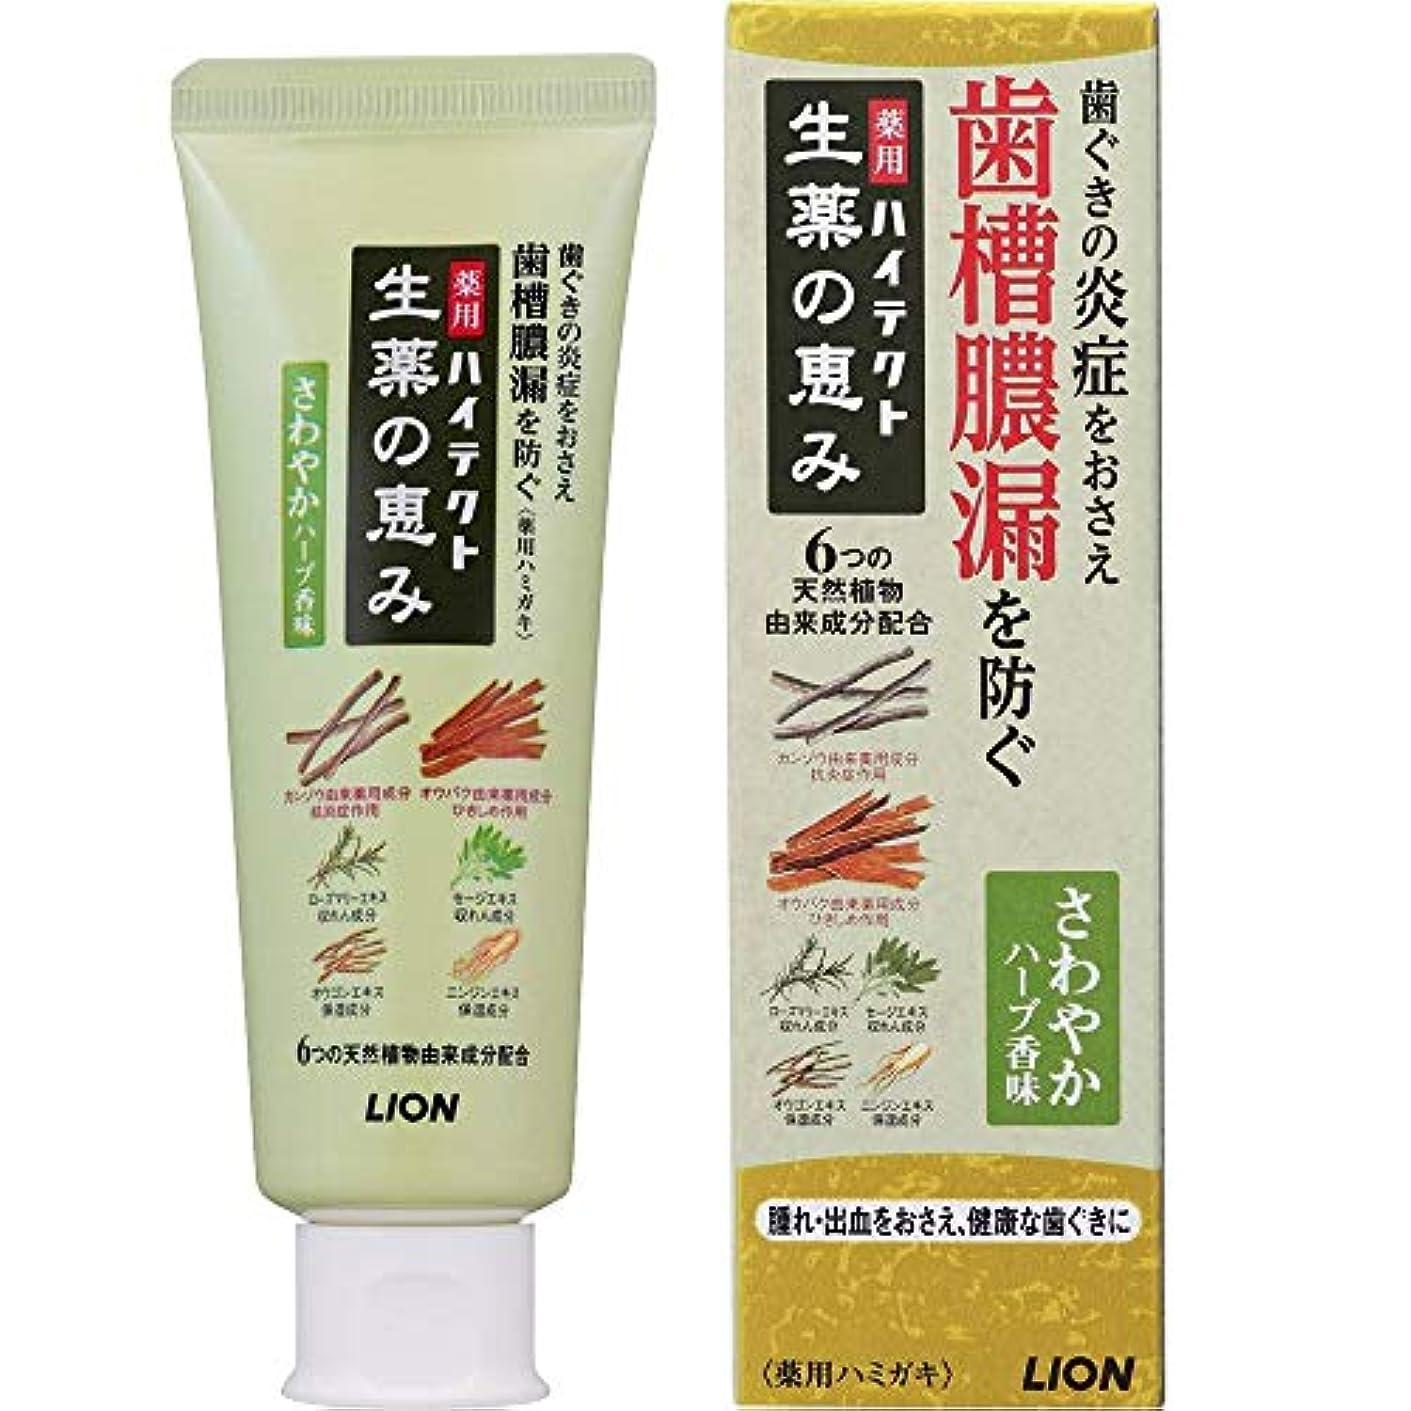 旅行確かめるバルーン薬用ハイテクト生薬の恵み さわやかハーブ香味 90g (医薬部外品)